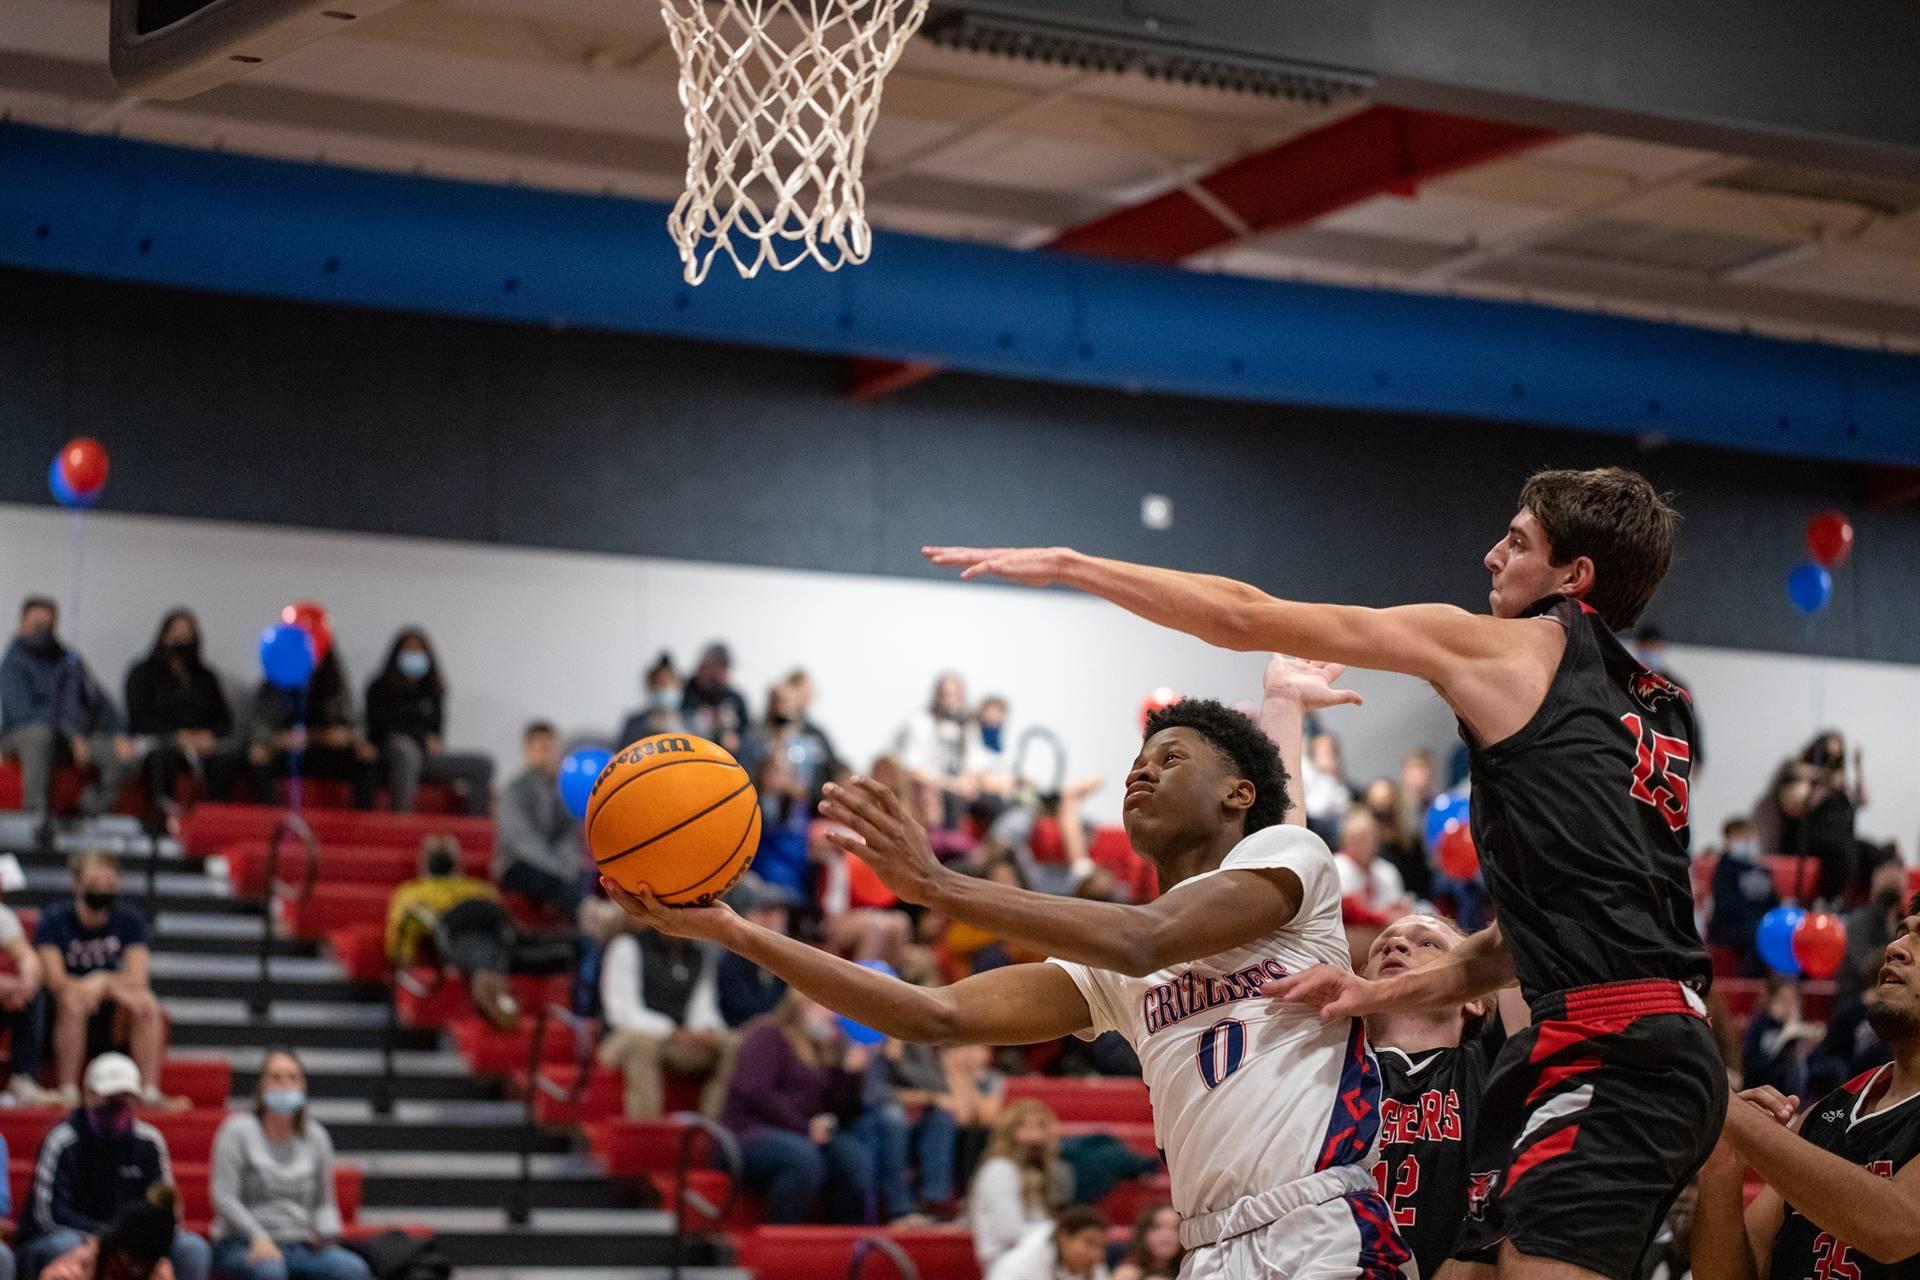 HPA Basketball Player